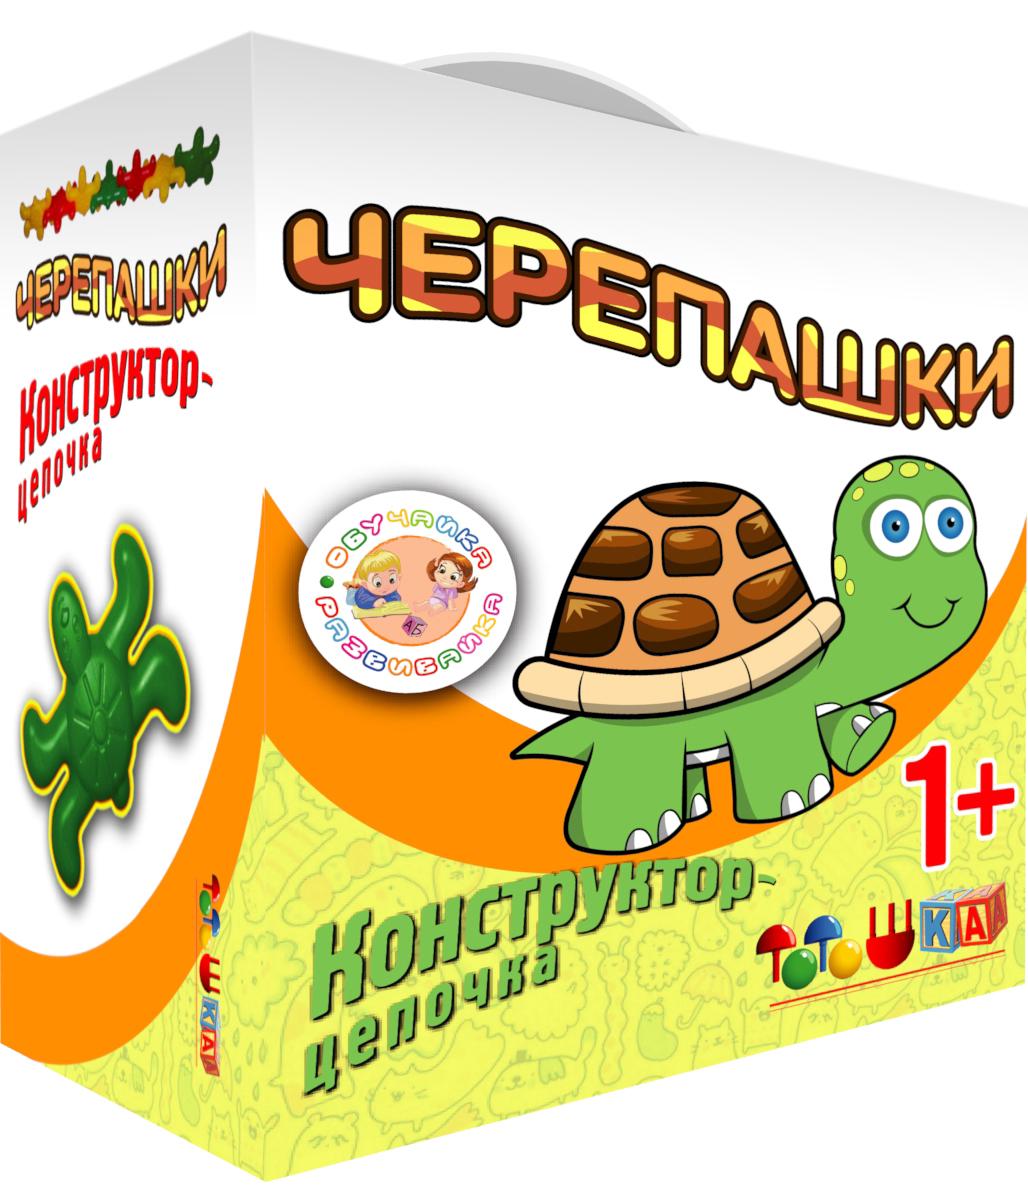 Тотошка Пластиковый конструктор-цепочка Черепашки